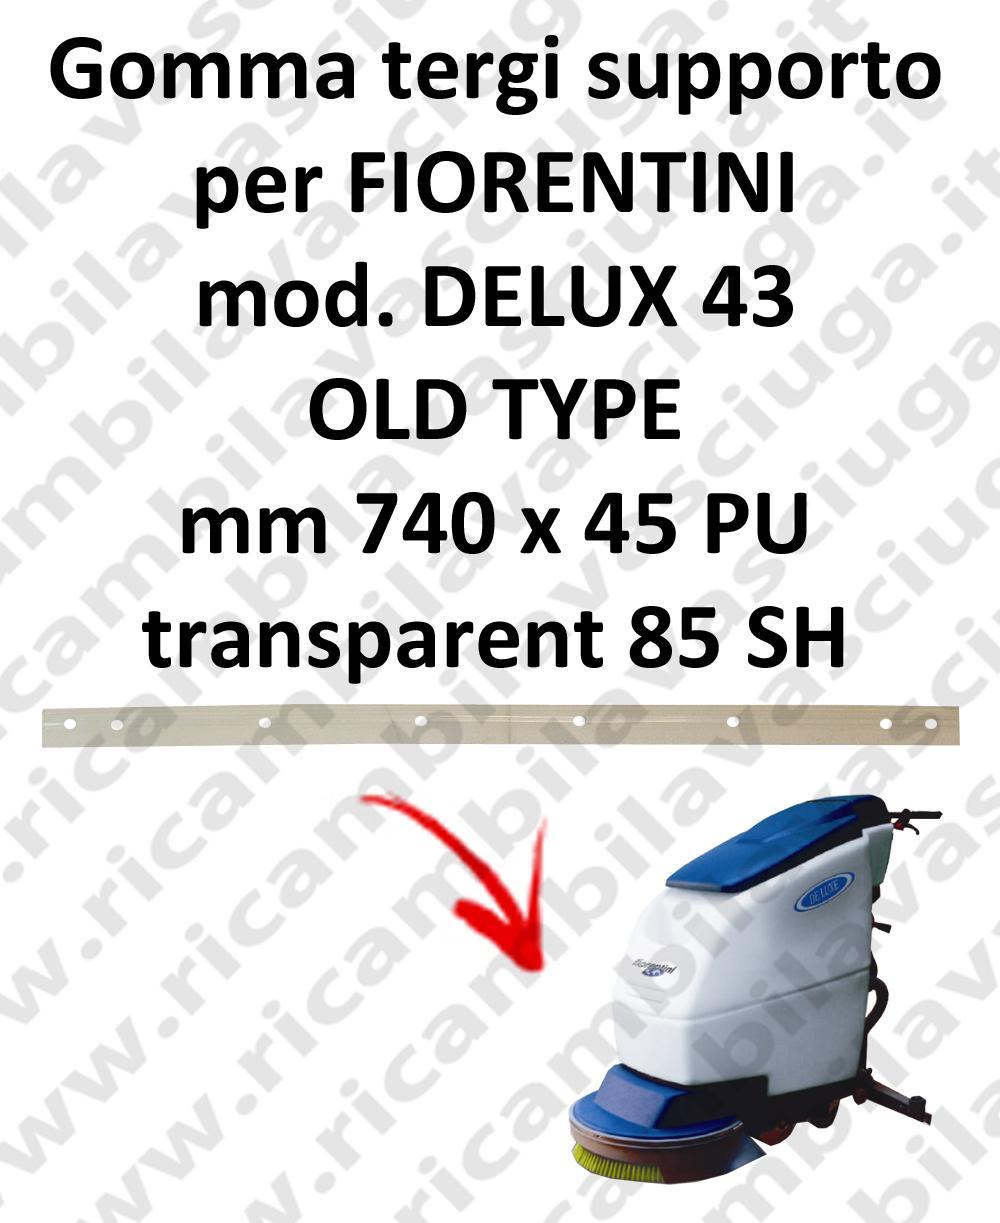 DELUX 43 old type GOMMA TERGI supporto per tergipavimento FIORENTINI